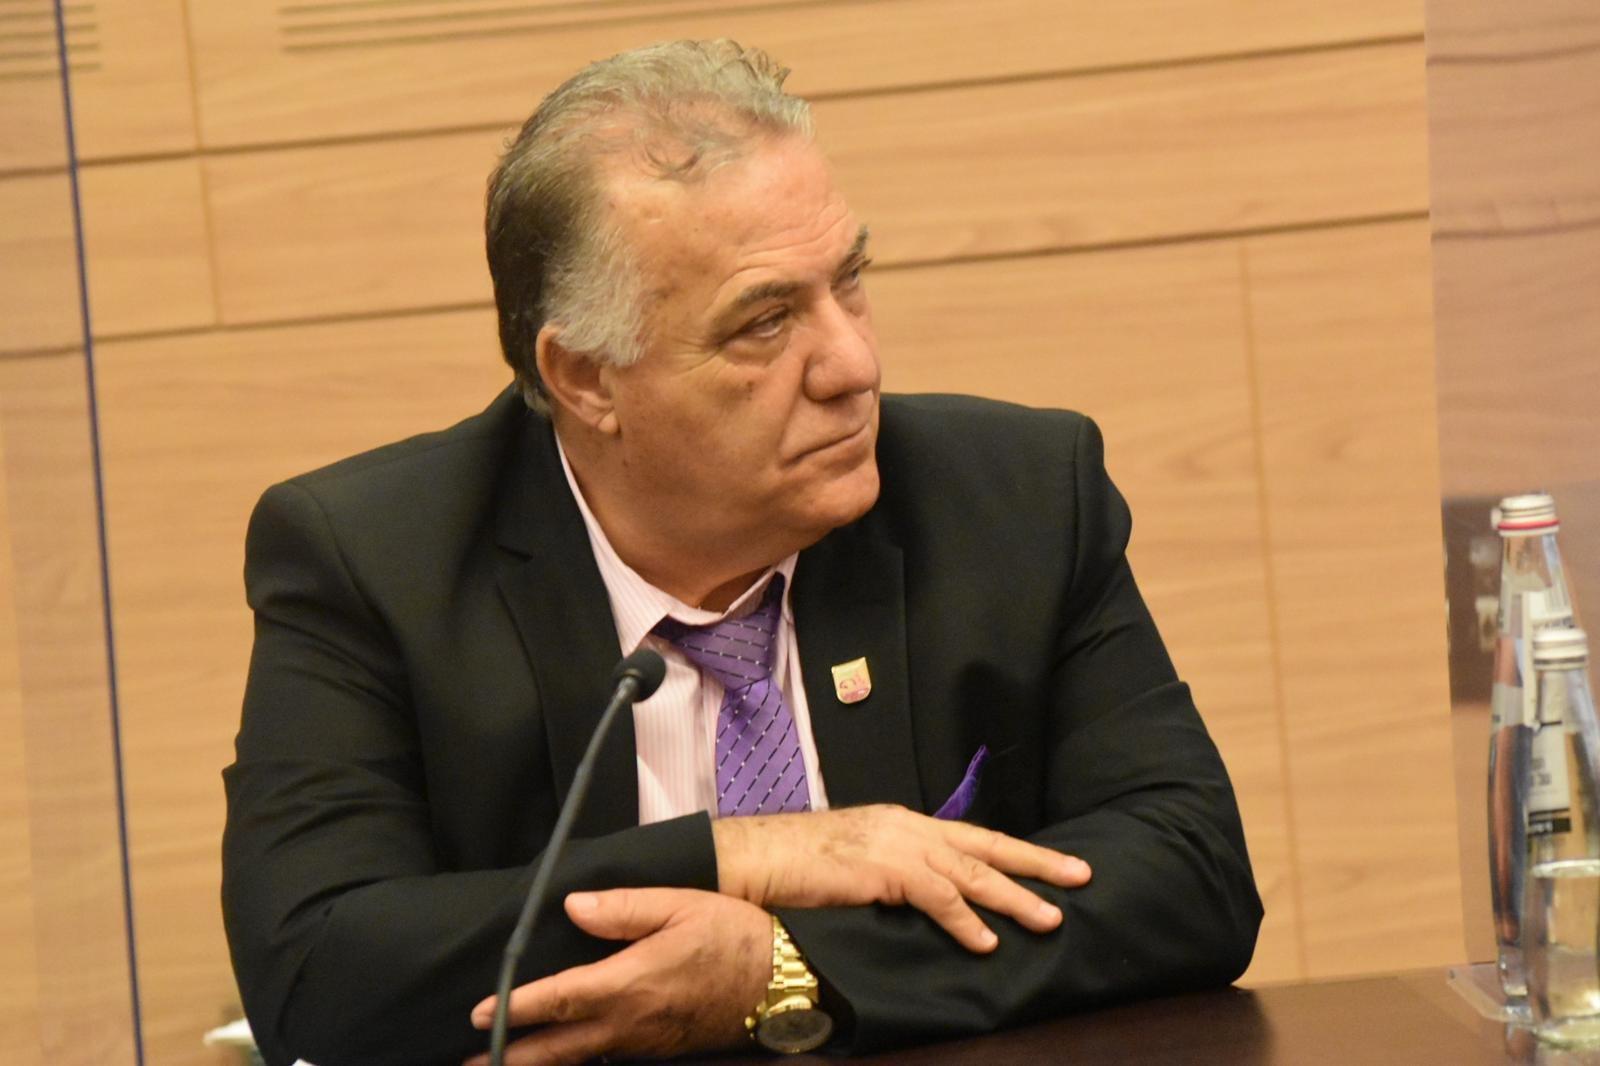 بمبادرة النائبة يزبك: لجنة الداخلية البرلمانية تناقش وضعية الناصرة في أعقاب أزمة الكورونا